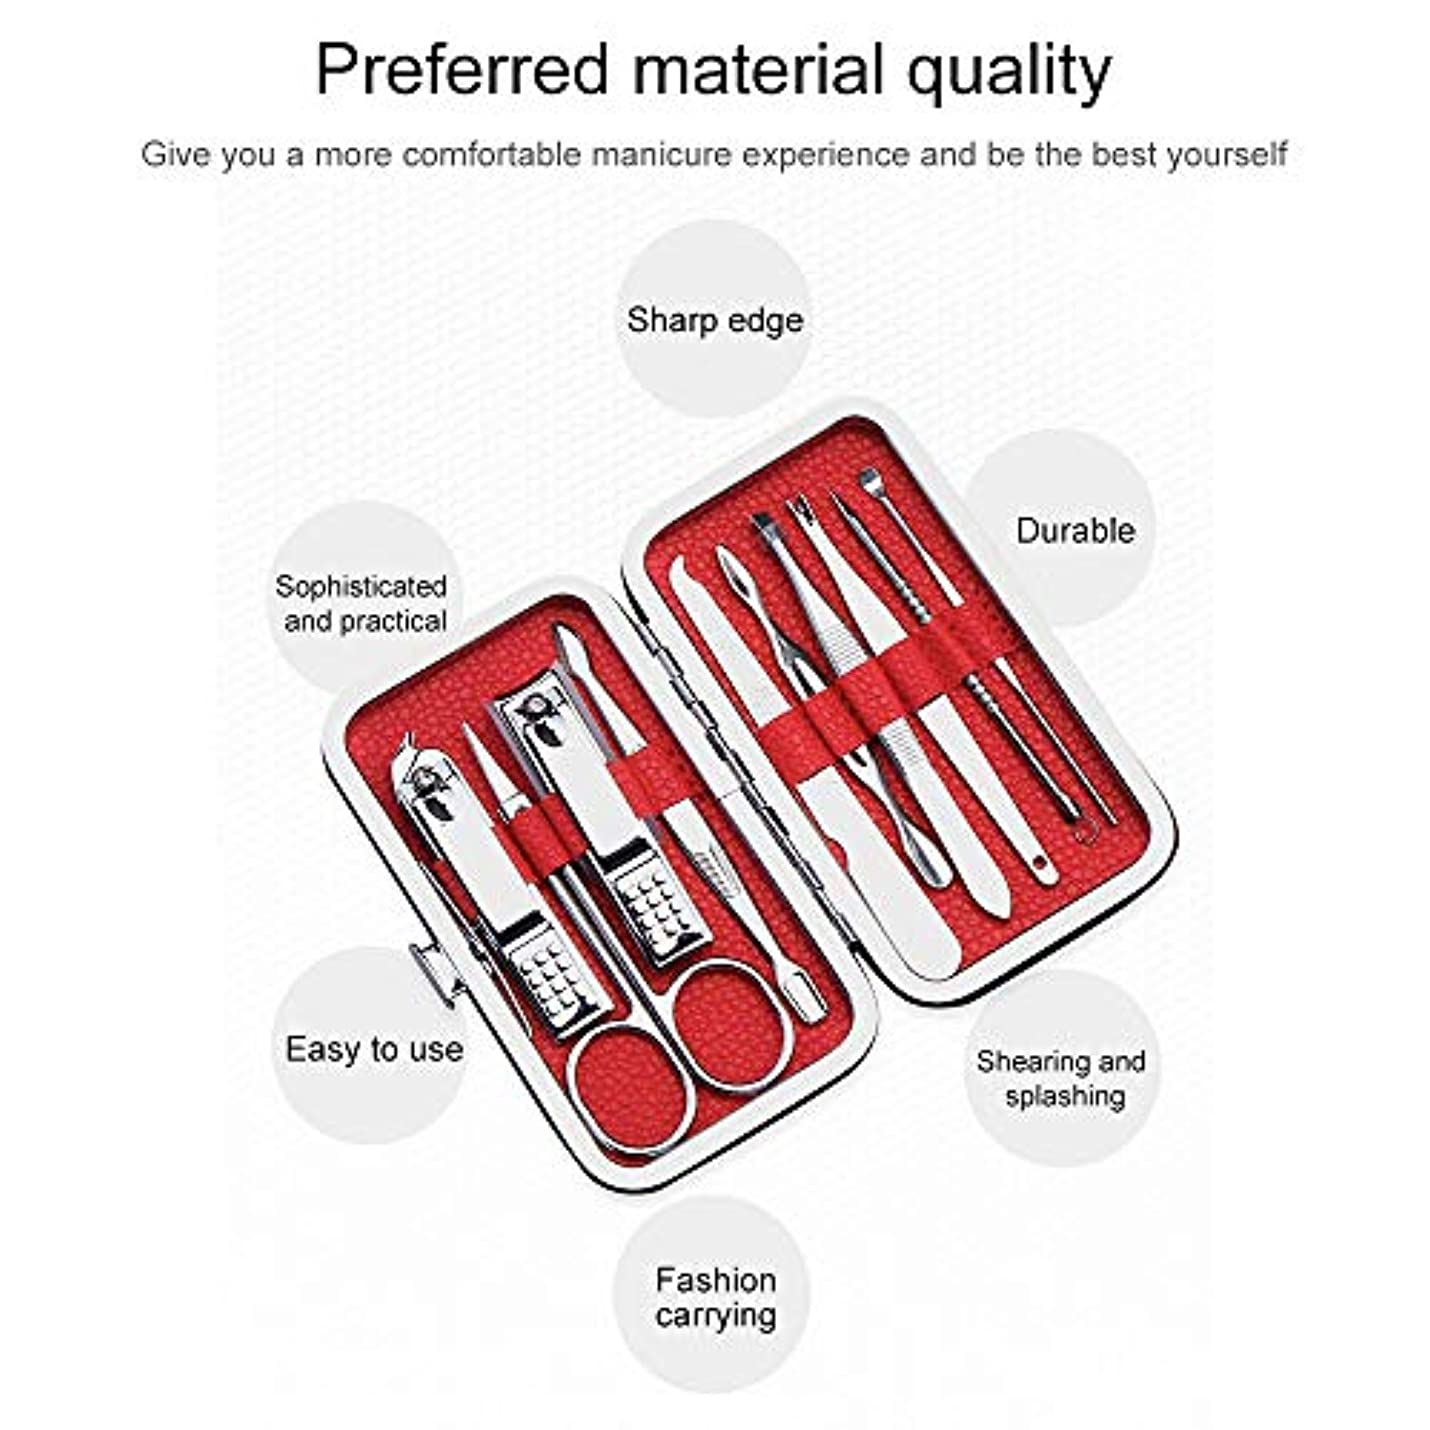 爪切りネイルクリッパーキットステンレス鋼プロフェッショナルグルーミングキット、豪華なトラベルケース付き10個のネイルツールのセット